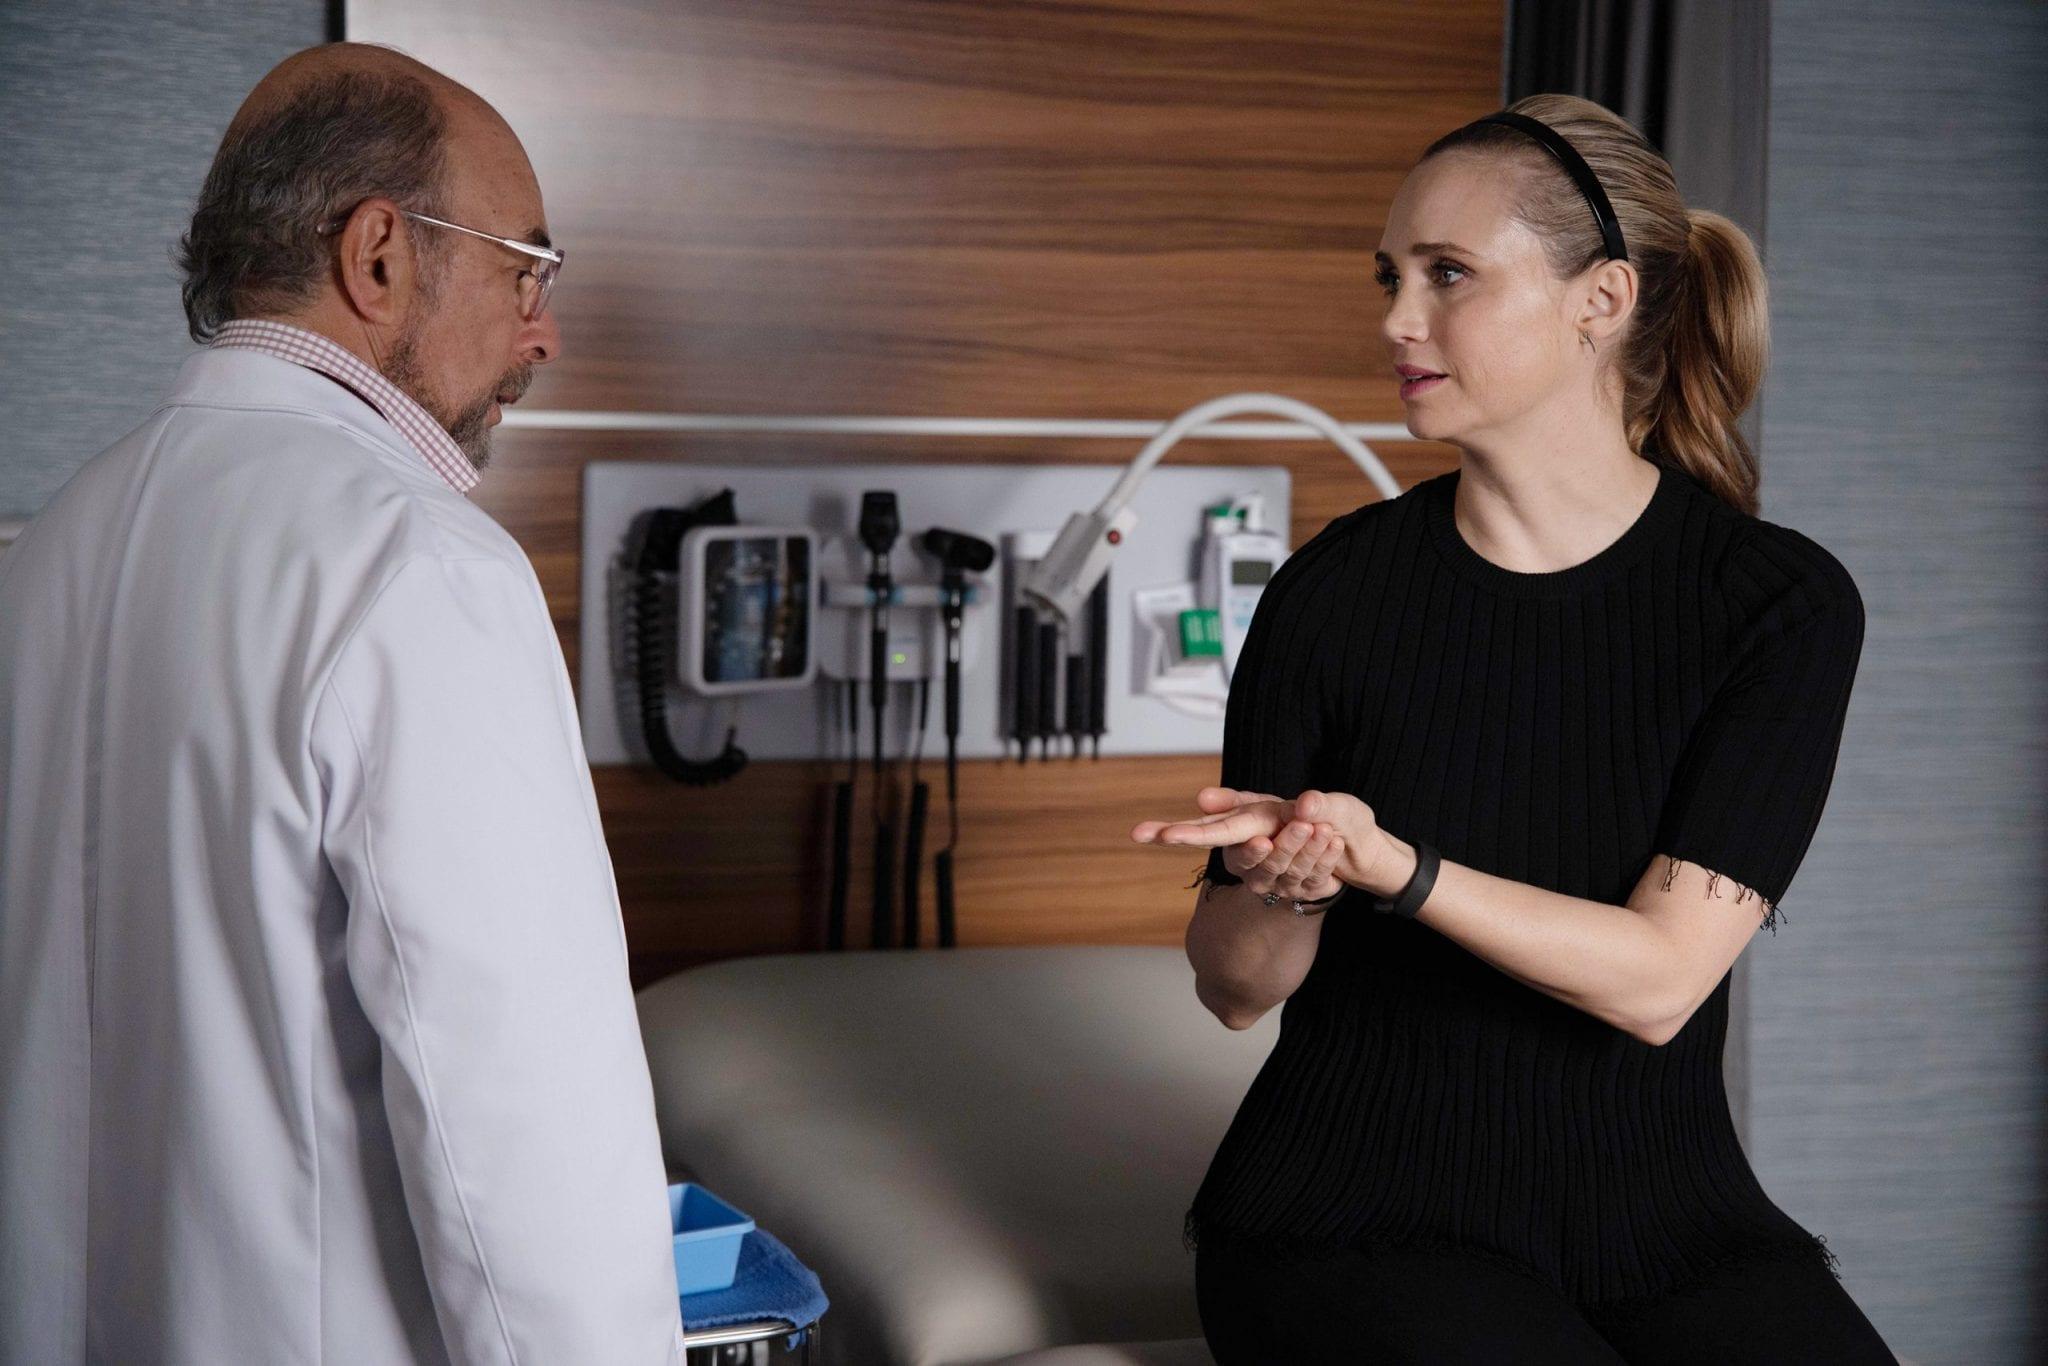 Live 13 marzo 2020: The Good Doctor 3 quarto appuntamento, in prima visione assoluta su Rai 2, con protagonista Freddie Highmore